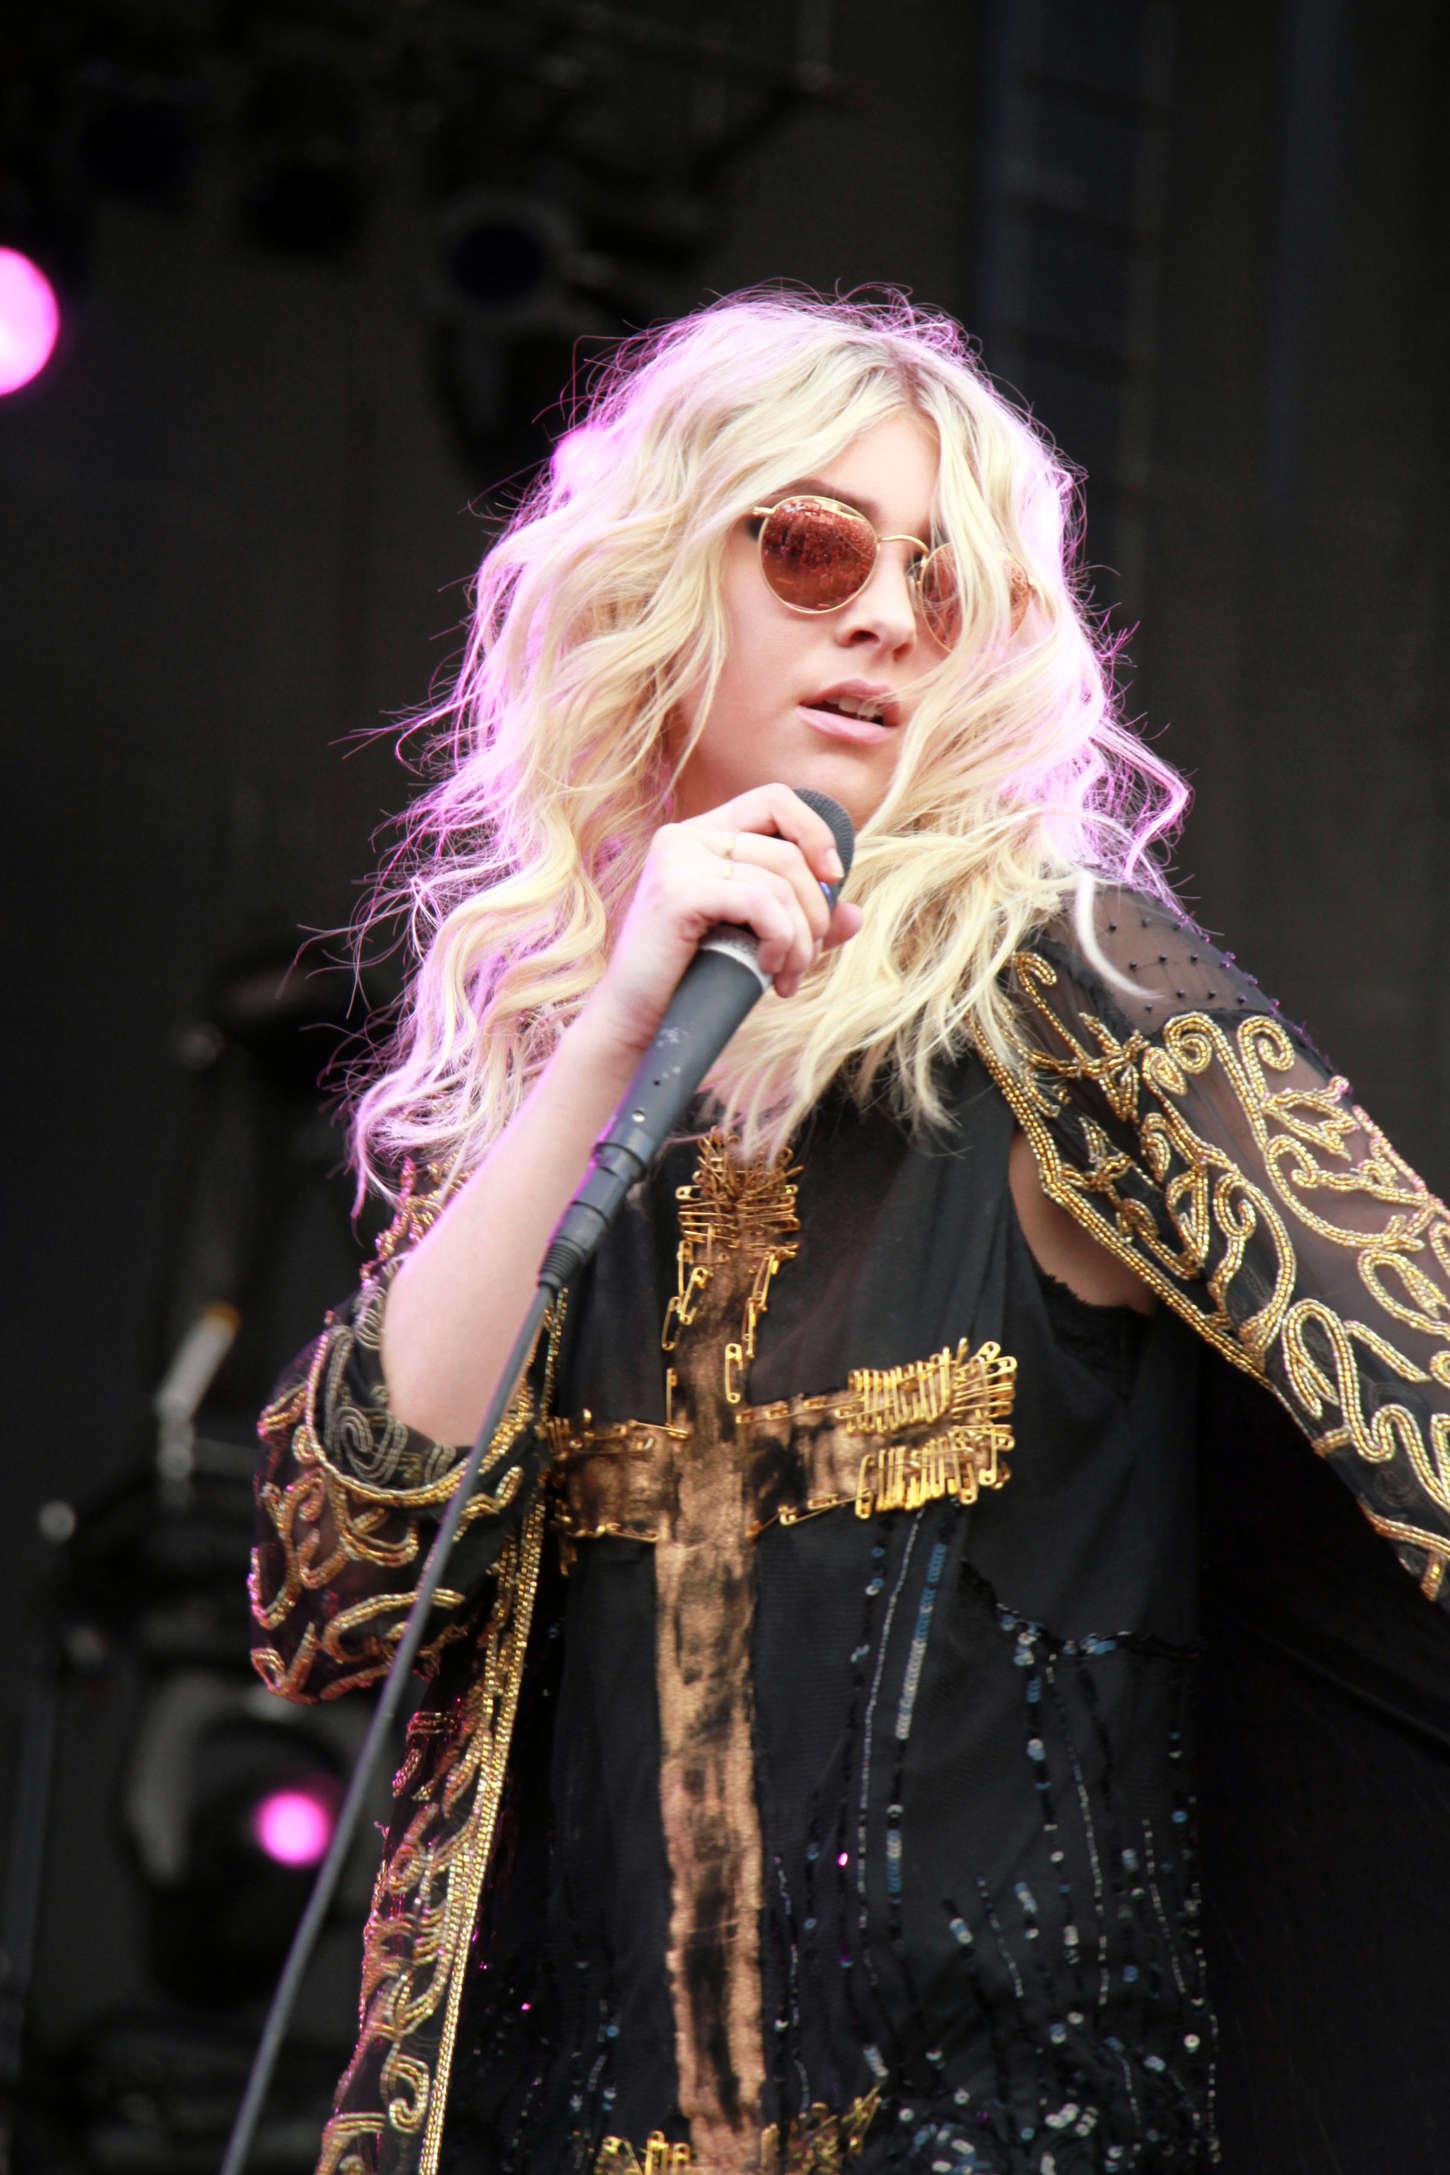 Taylor Momsen 2014 Iheartradio Music Festival In Las